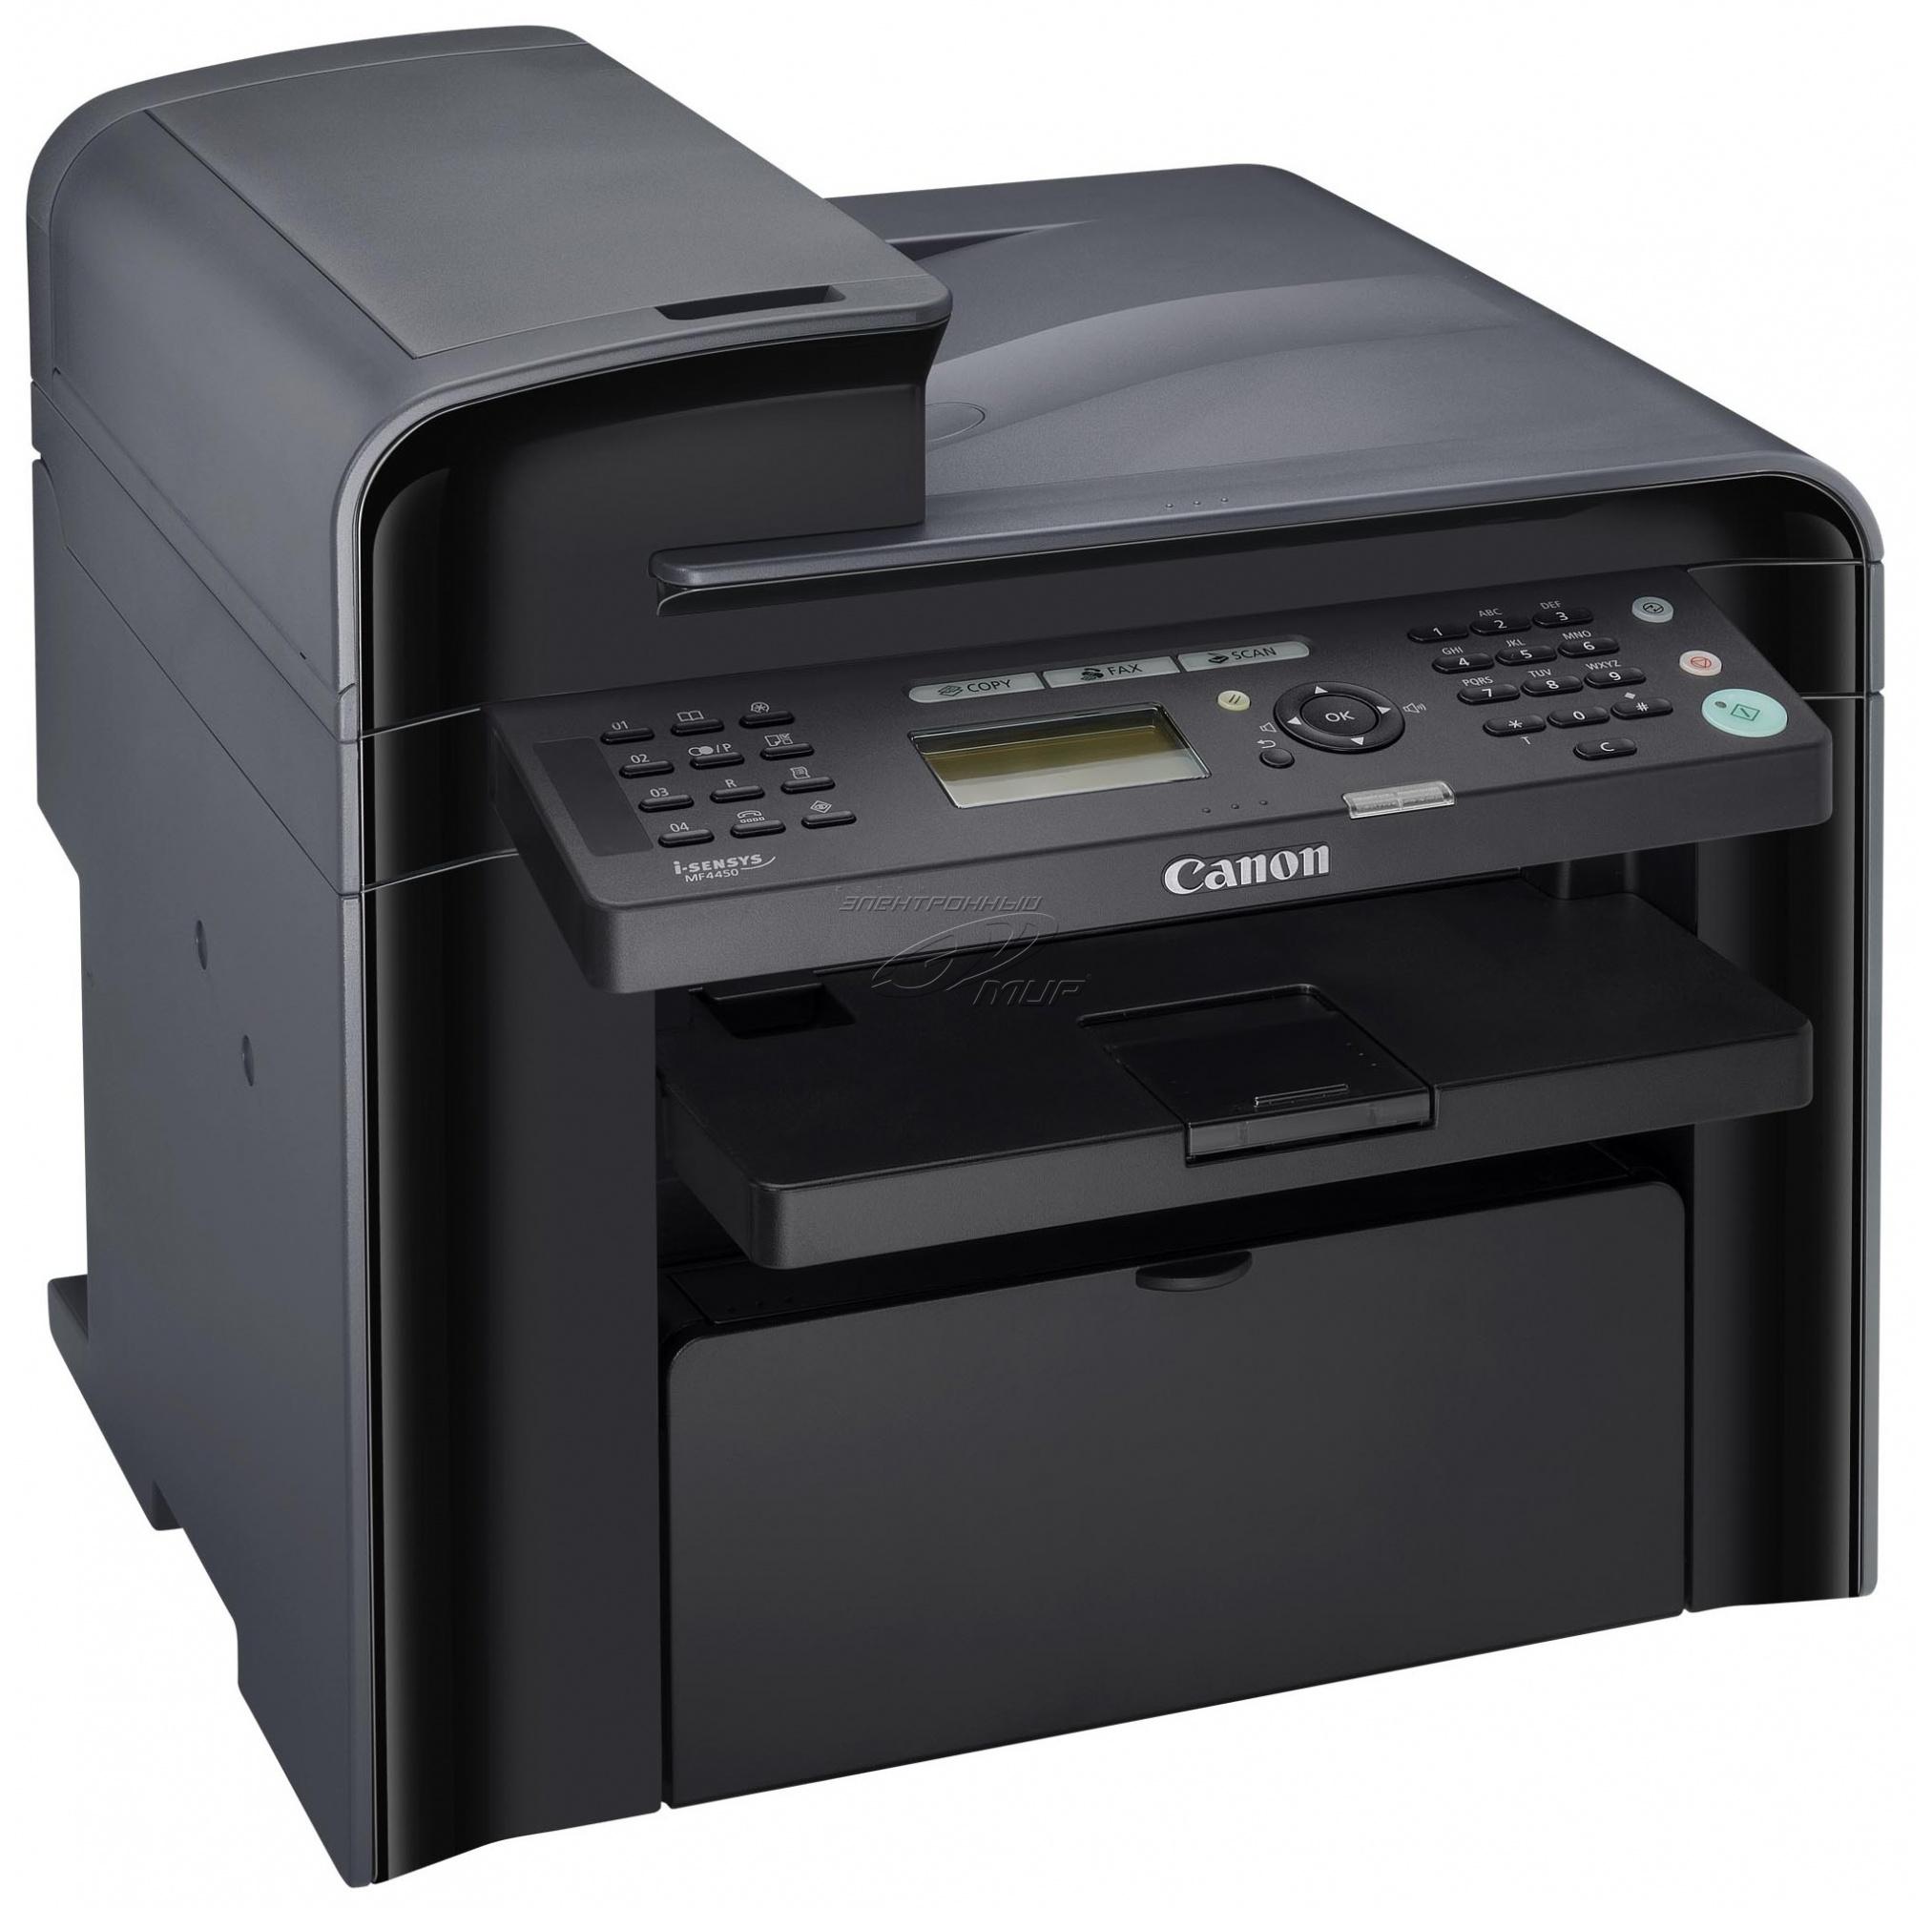 Скачать драйвер принтера Canon i-SENSYS MF4450/MF4430/MF4410